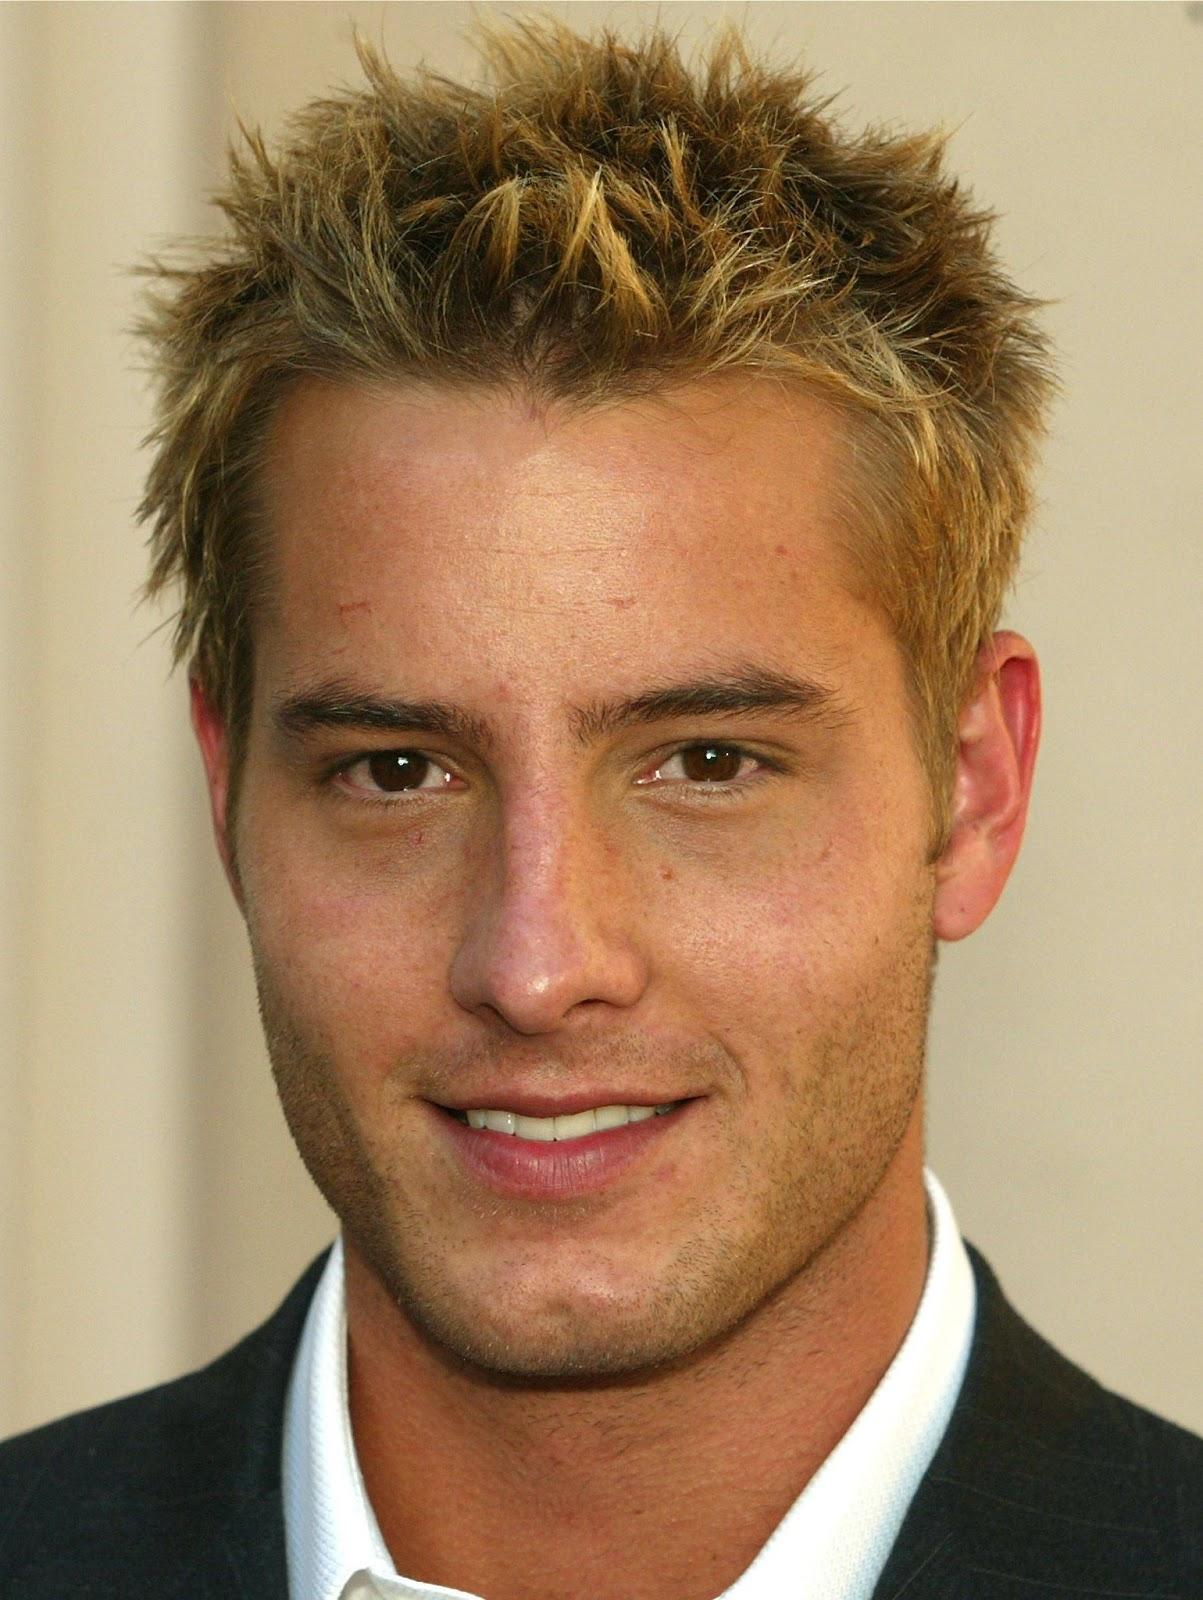 http://2.bp.blogspot.com/-7RF6L9oQxFk/UQDXjJHAFfI/AAAAAAAAAKU/g6yzBH4wazQ/s1600/mens-short-hairstyle.jpg